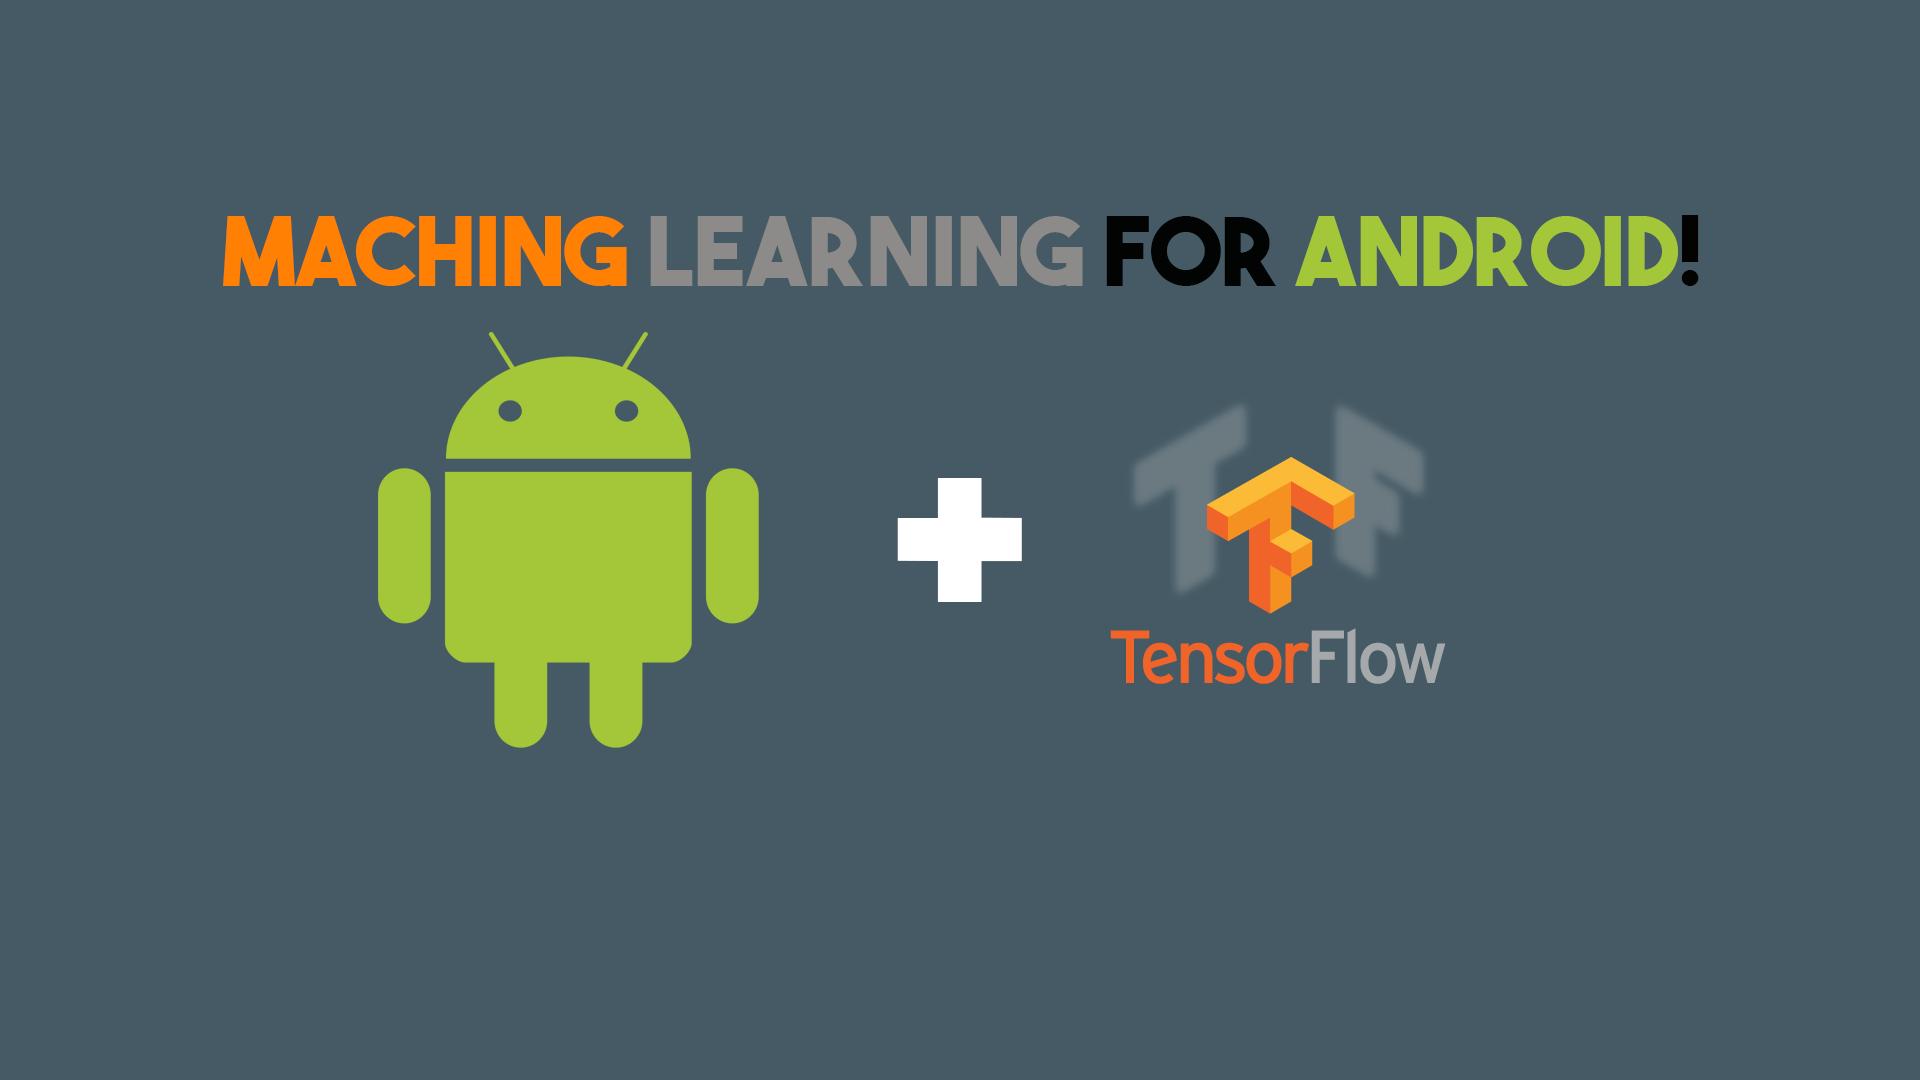 谷歌正式发布TensorFlow Lite移动端的机器学习软件库